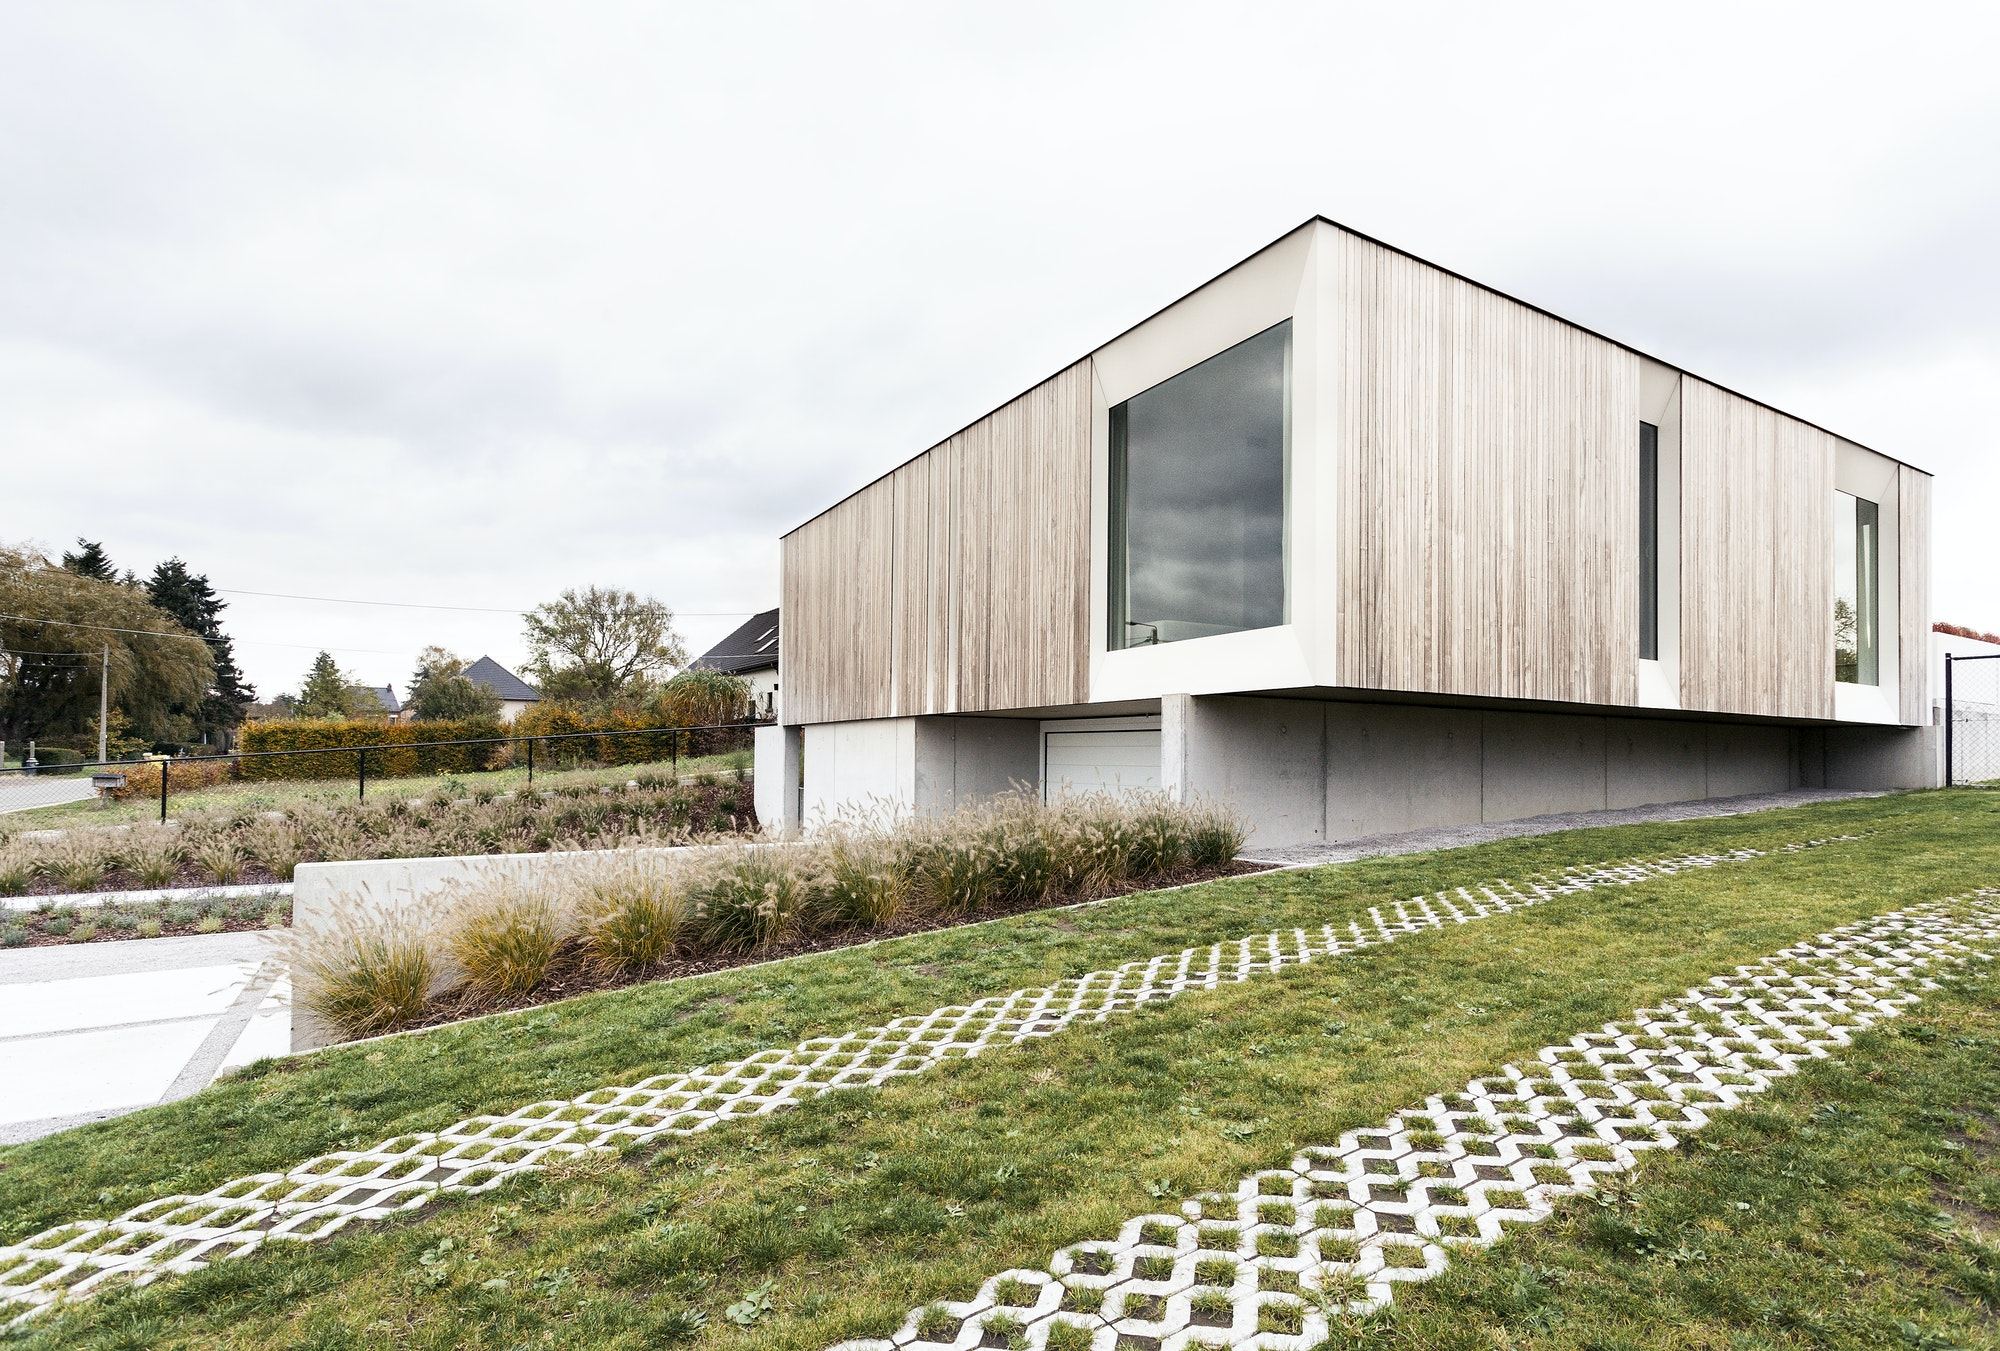 Skilpod #144 — houtskeletbouw bungalow woning met 4 slaapkamers, modern design met naturel hout exterieur